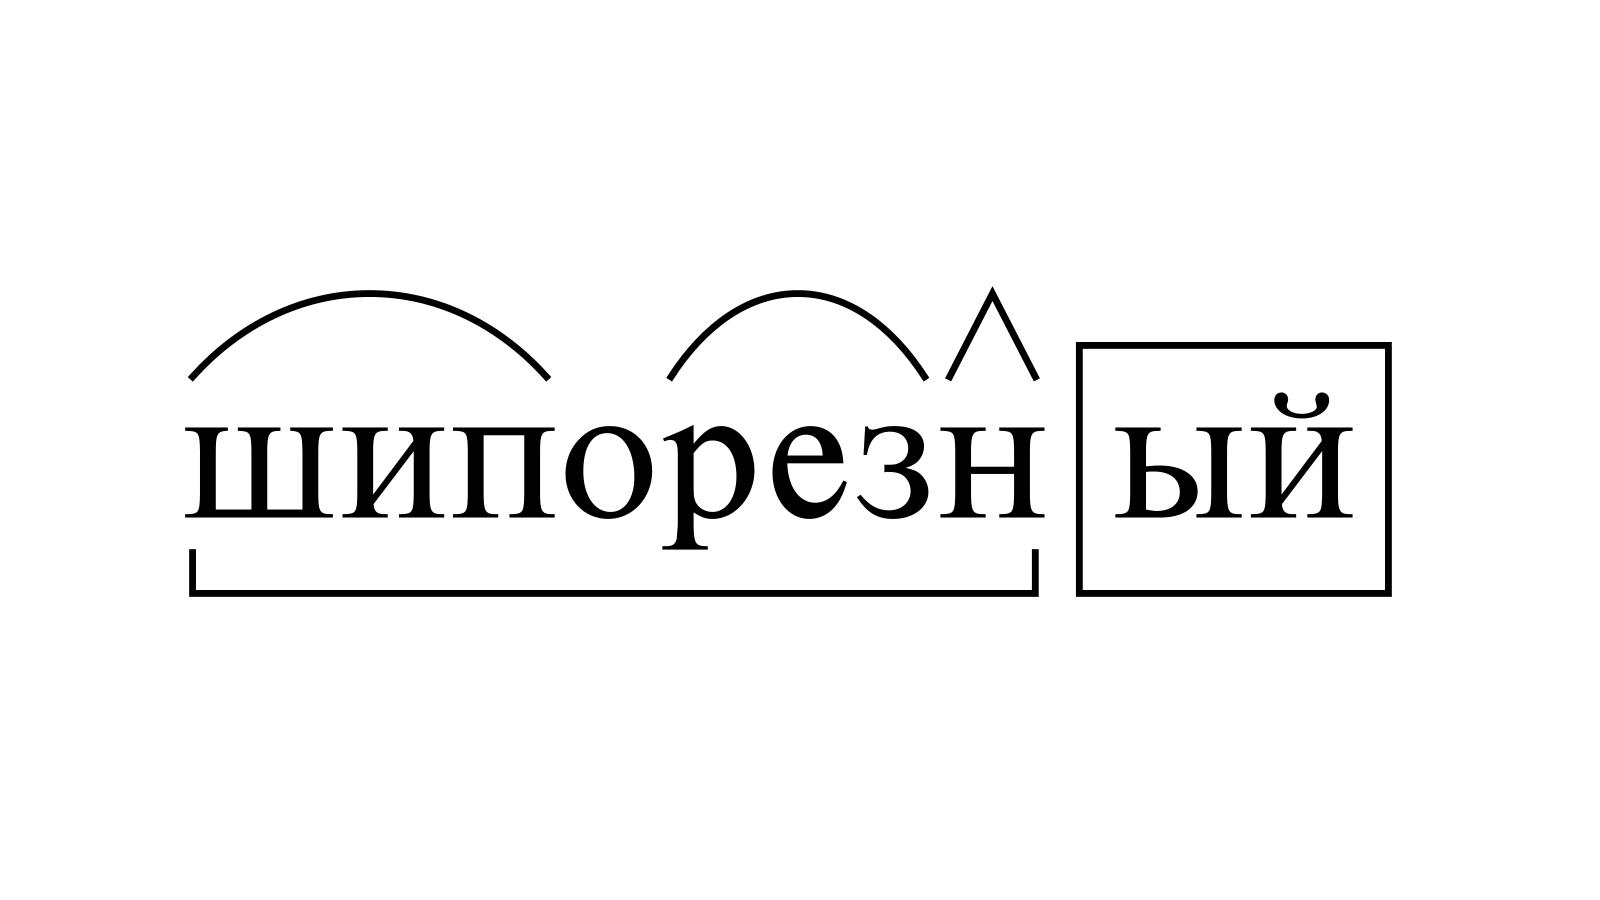 Разбор слова «шипорезный» по составу